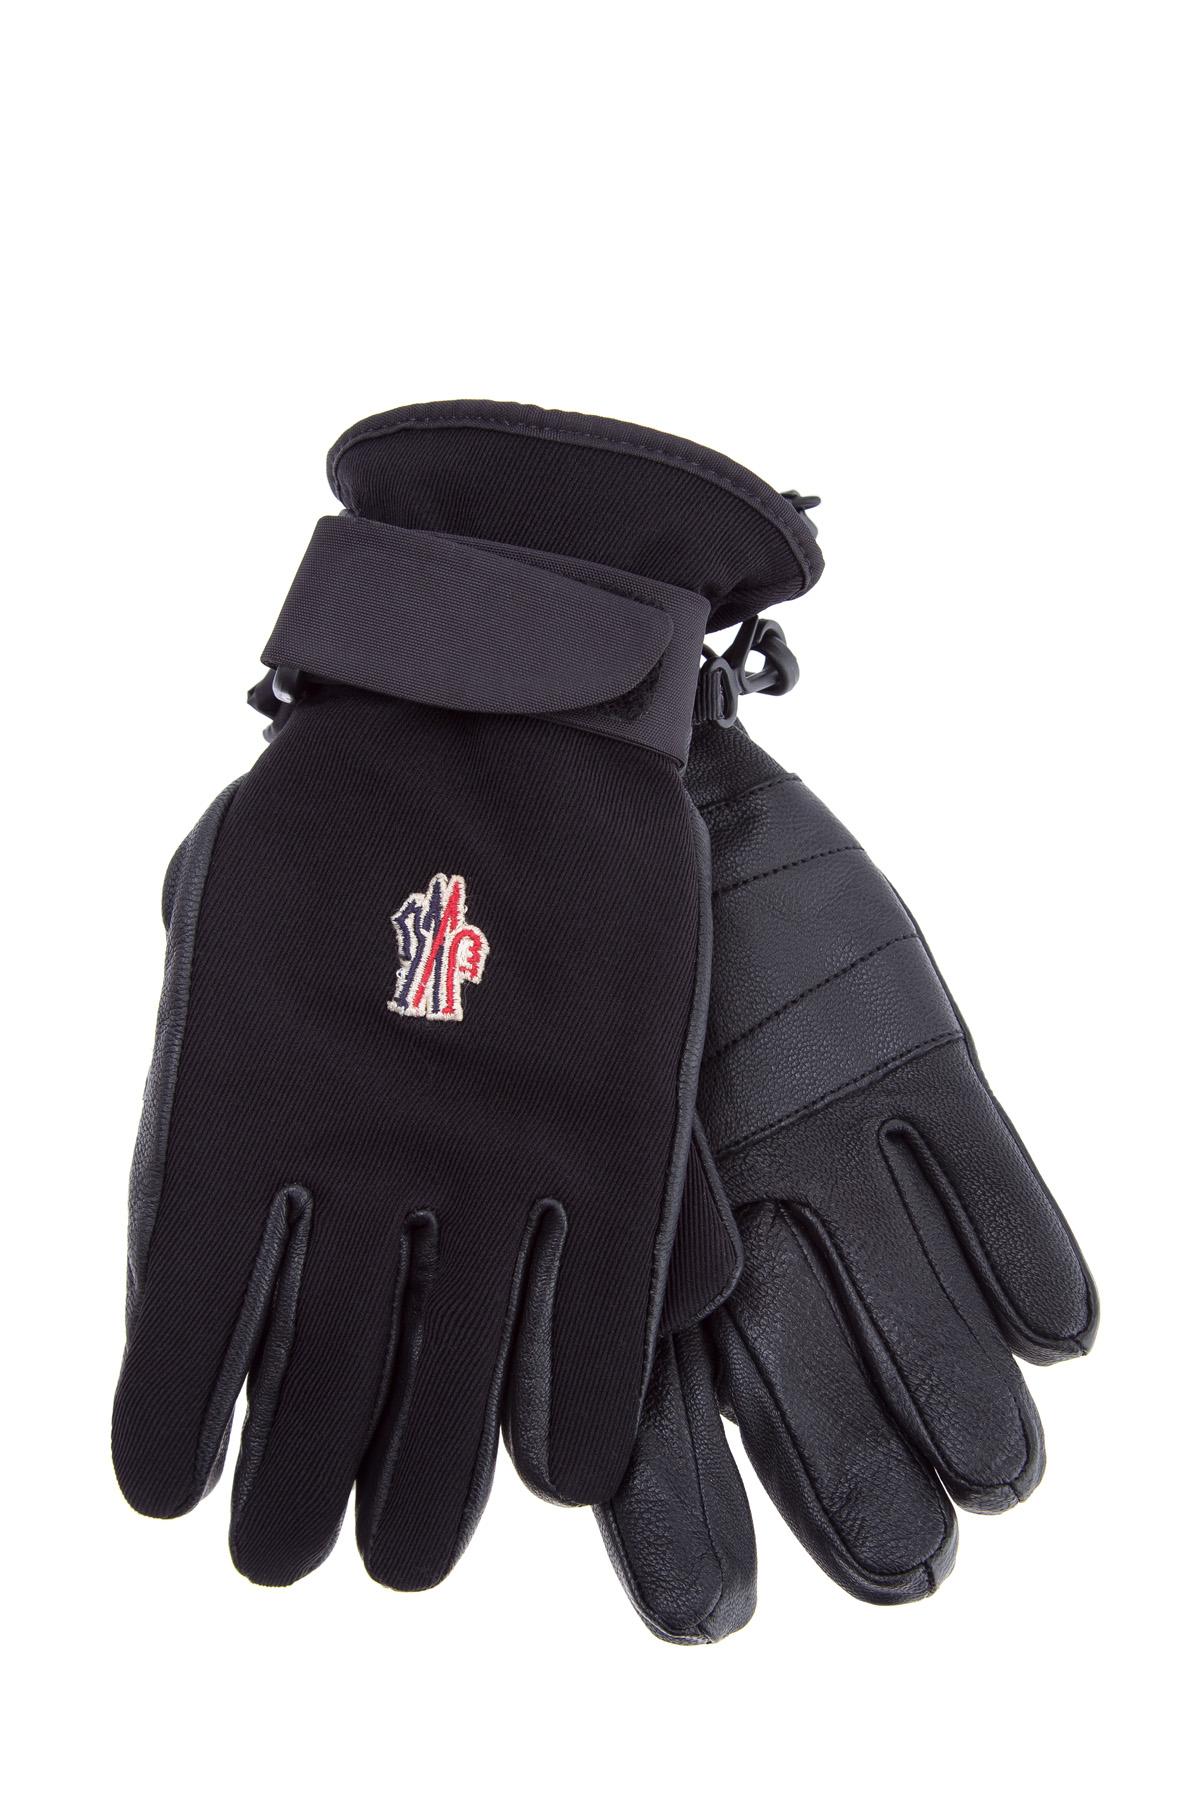 Перчатки для зимних видов спорта из кожи и нейлона